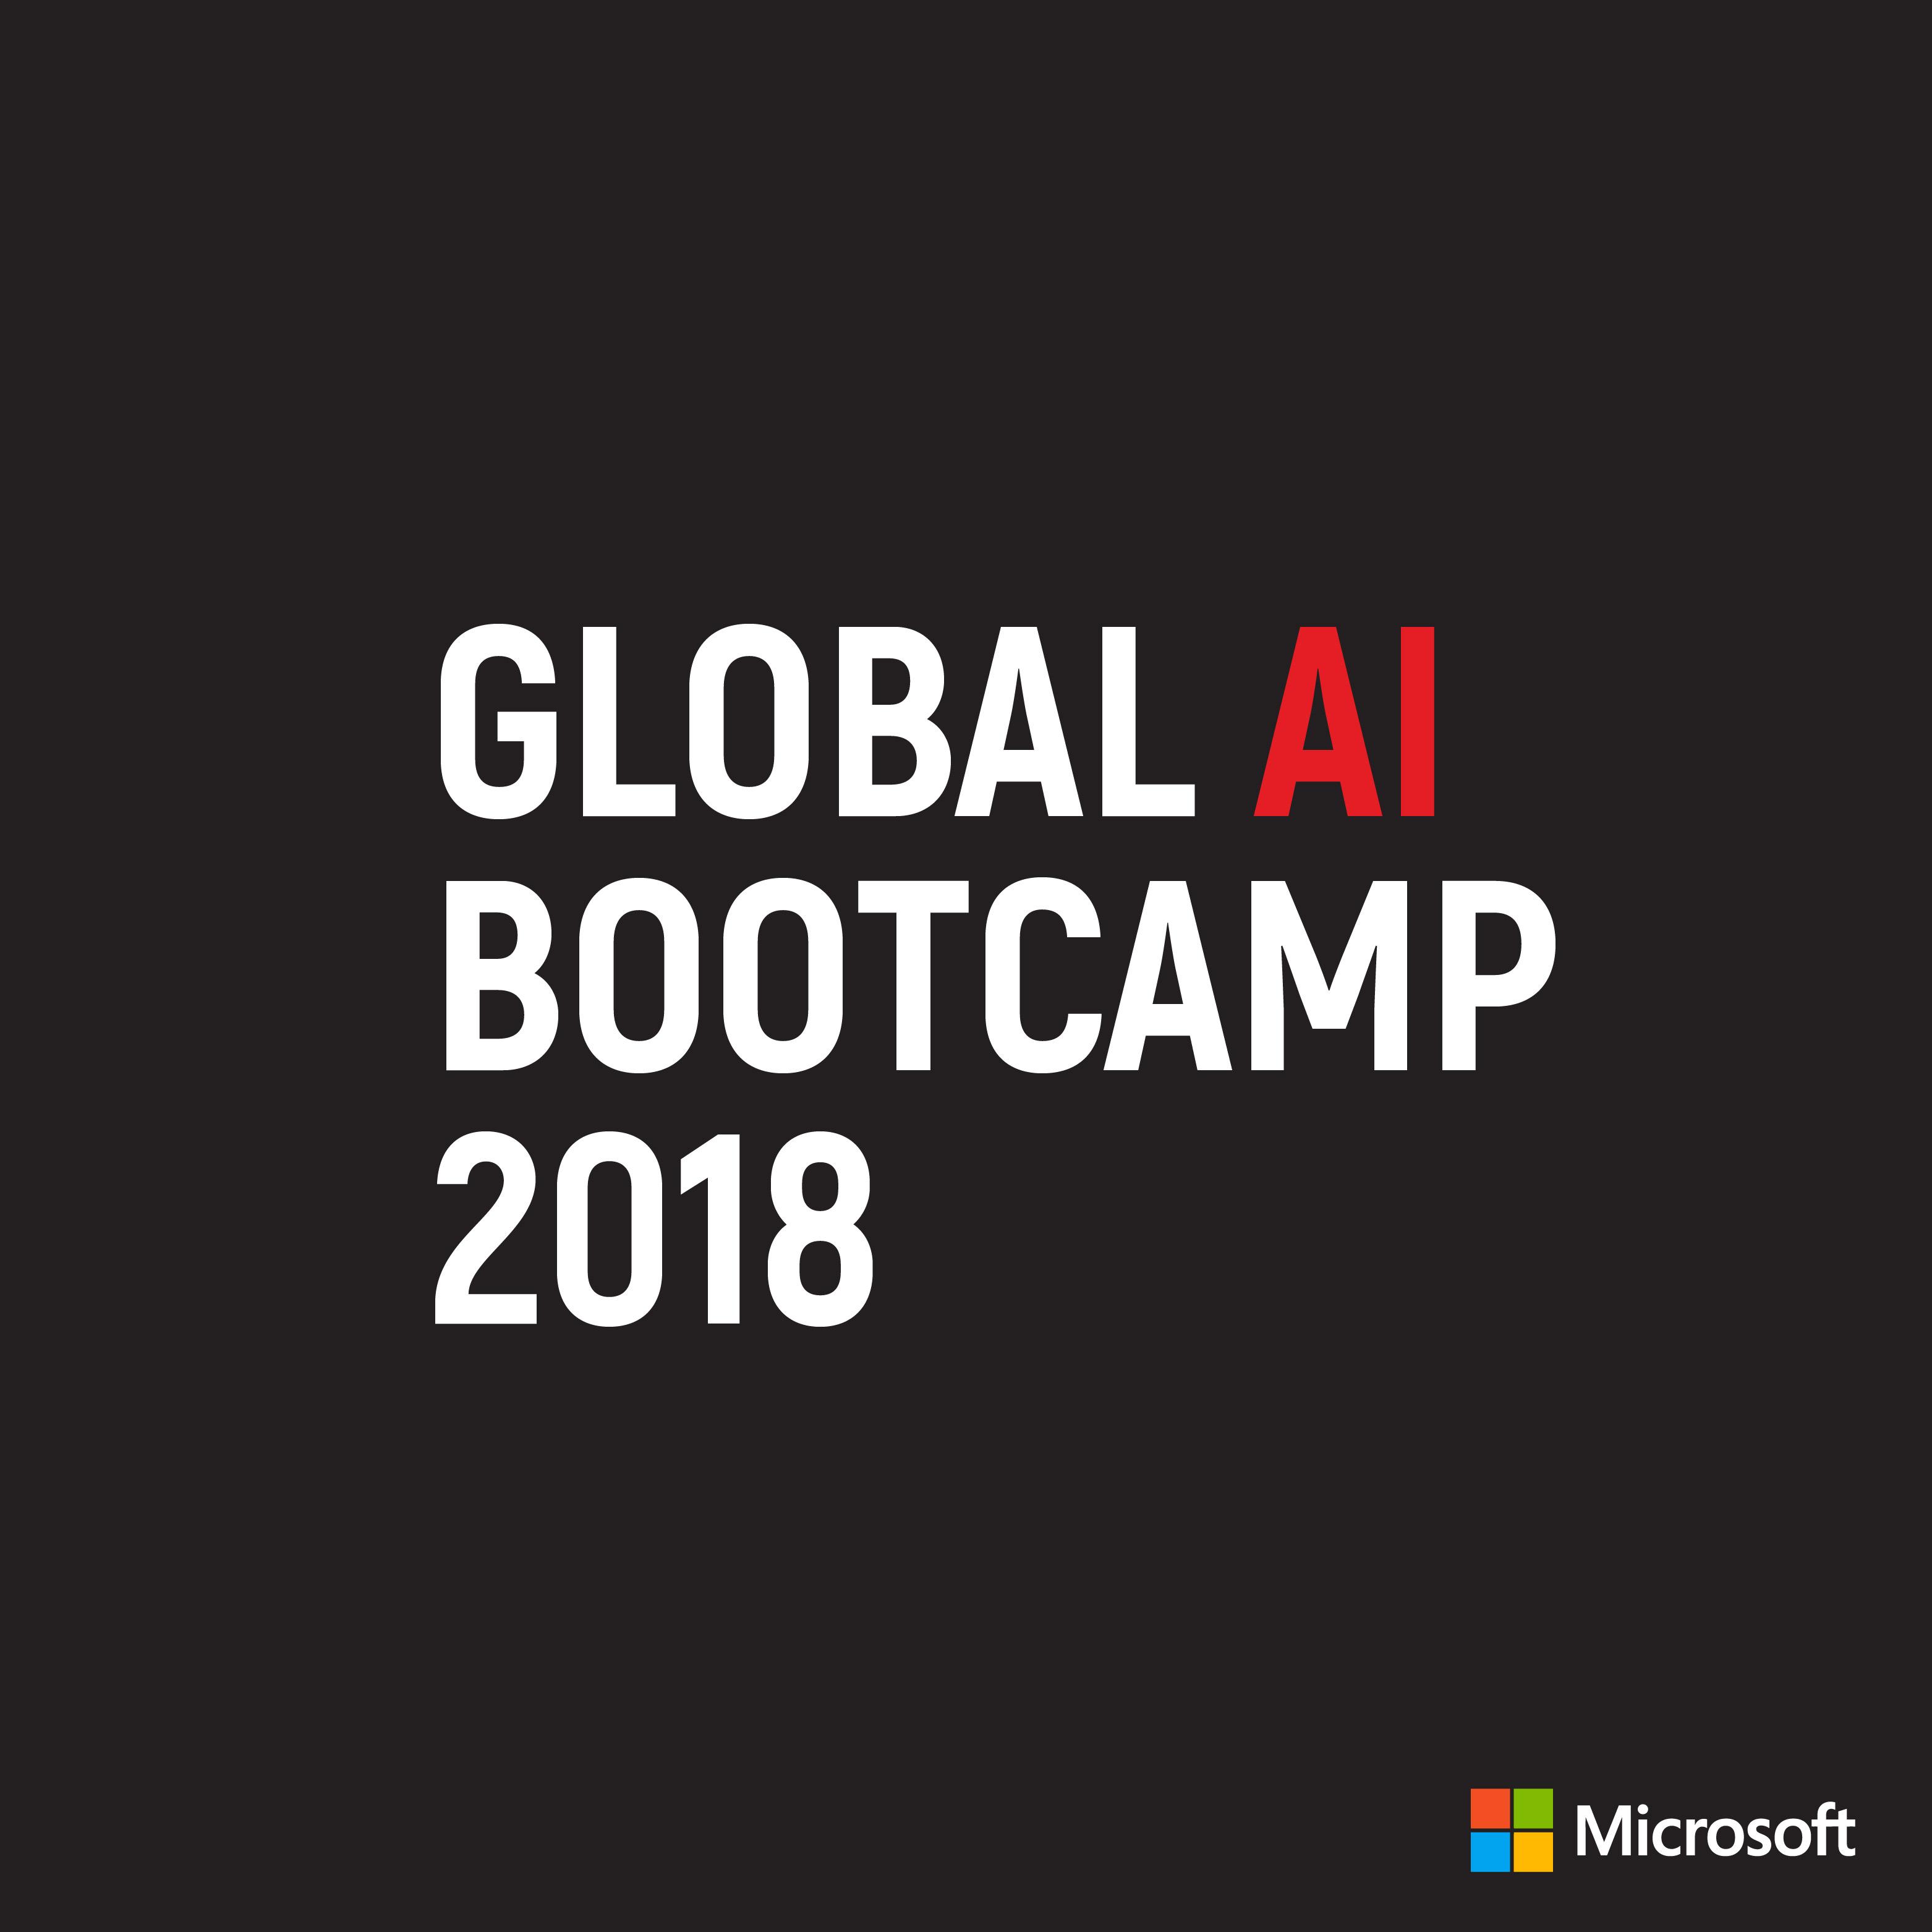 Global AI Bootcamp 2018